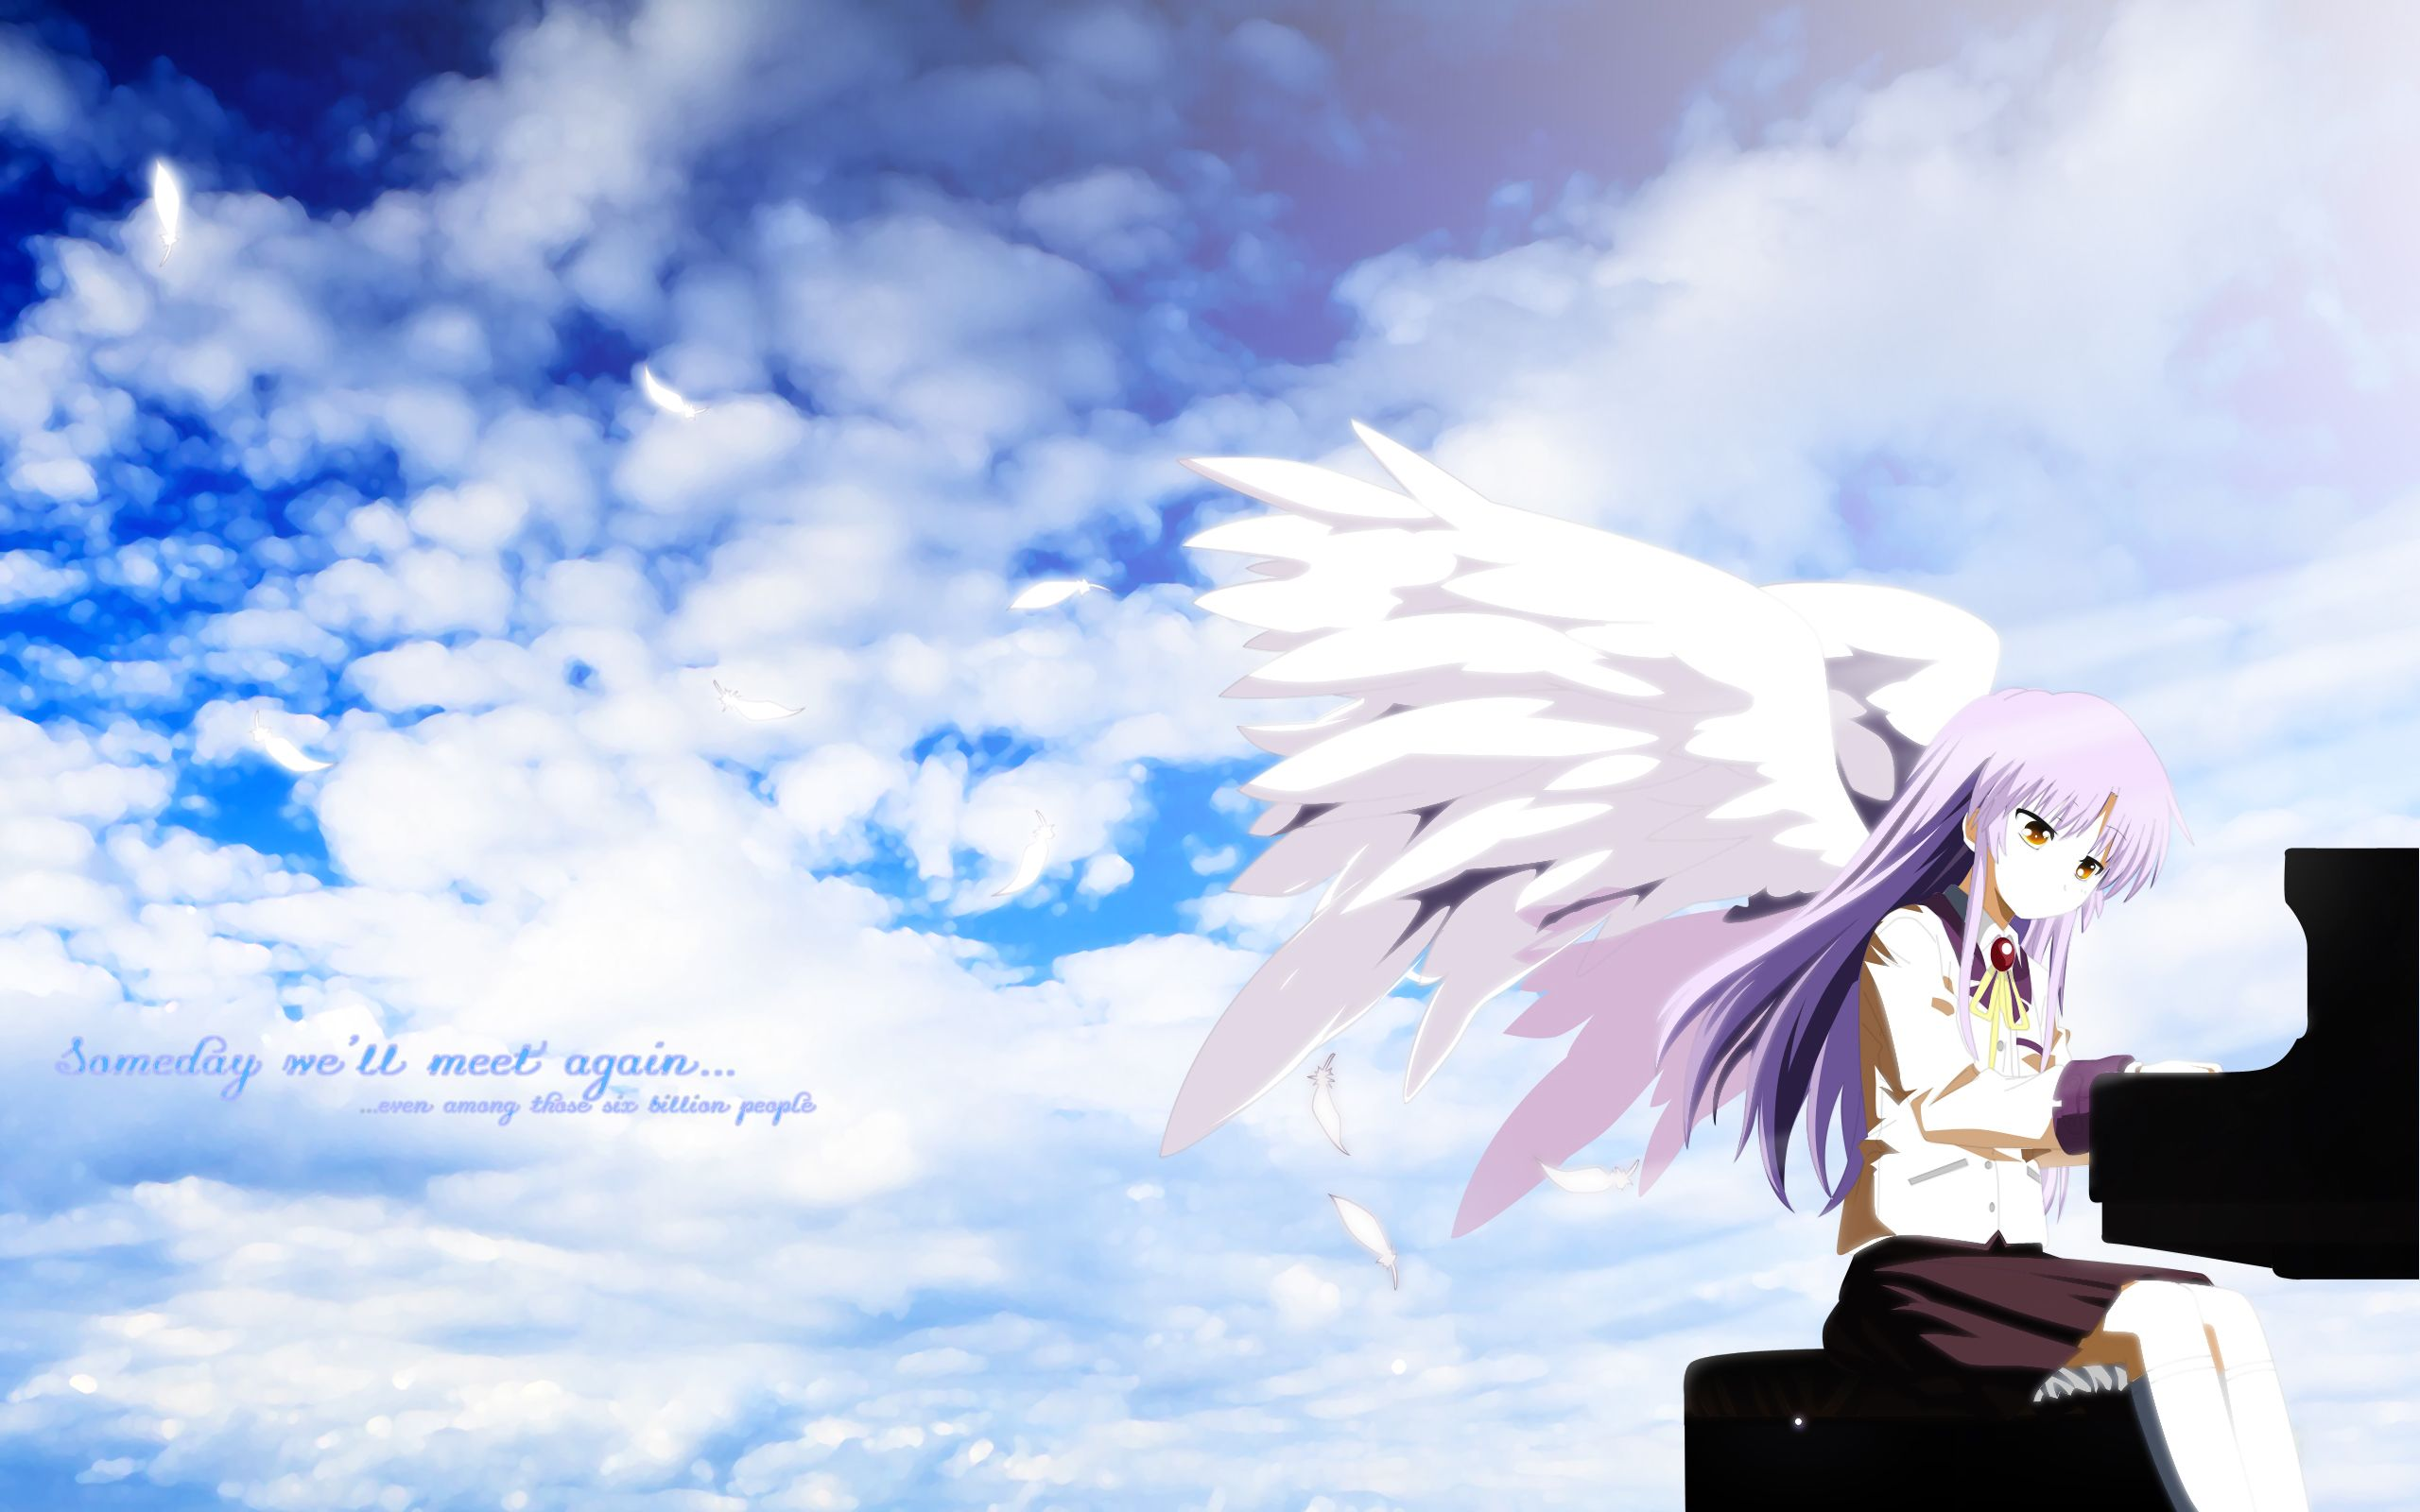 Angel Beats Computer Wallpapers Desktop Backgrounds 2560x1600 Id 195698 Angel Beats Angel Beats Anime Anime